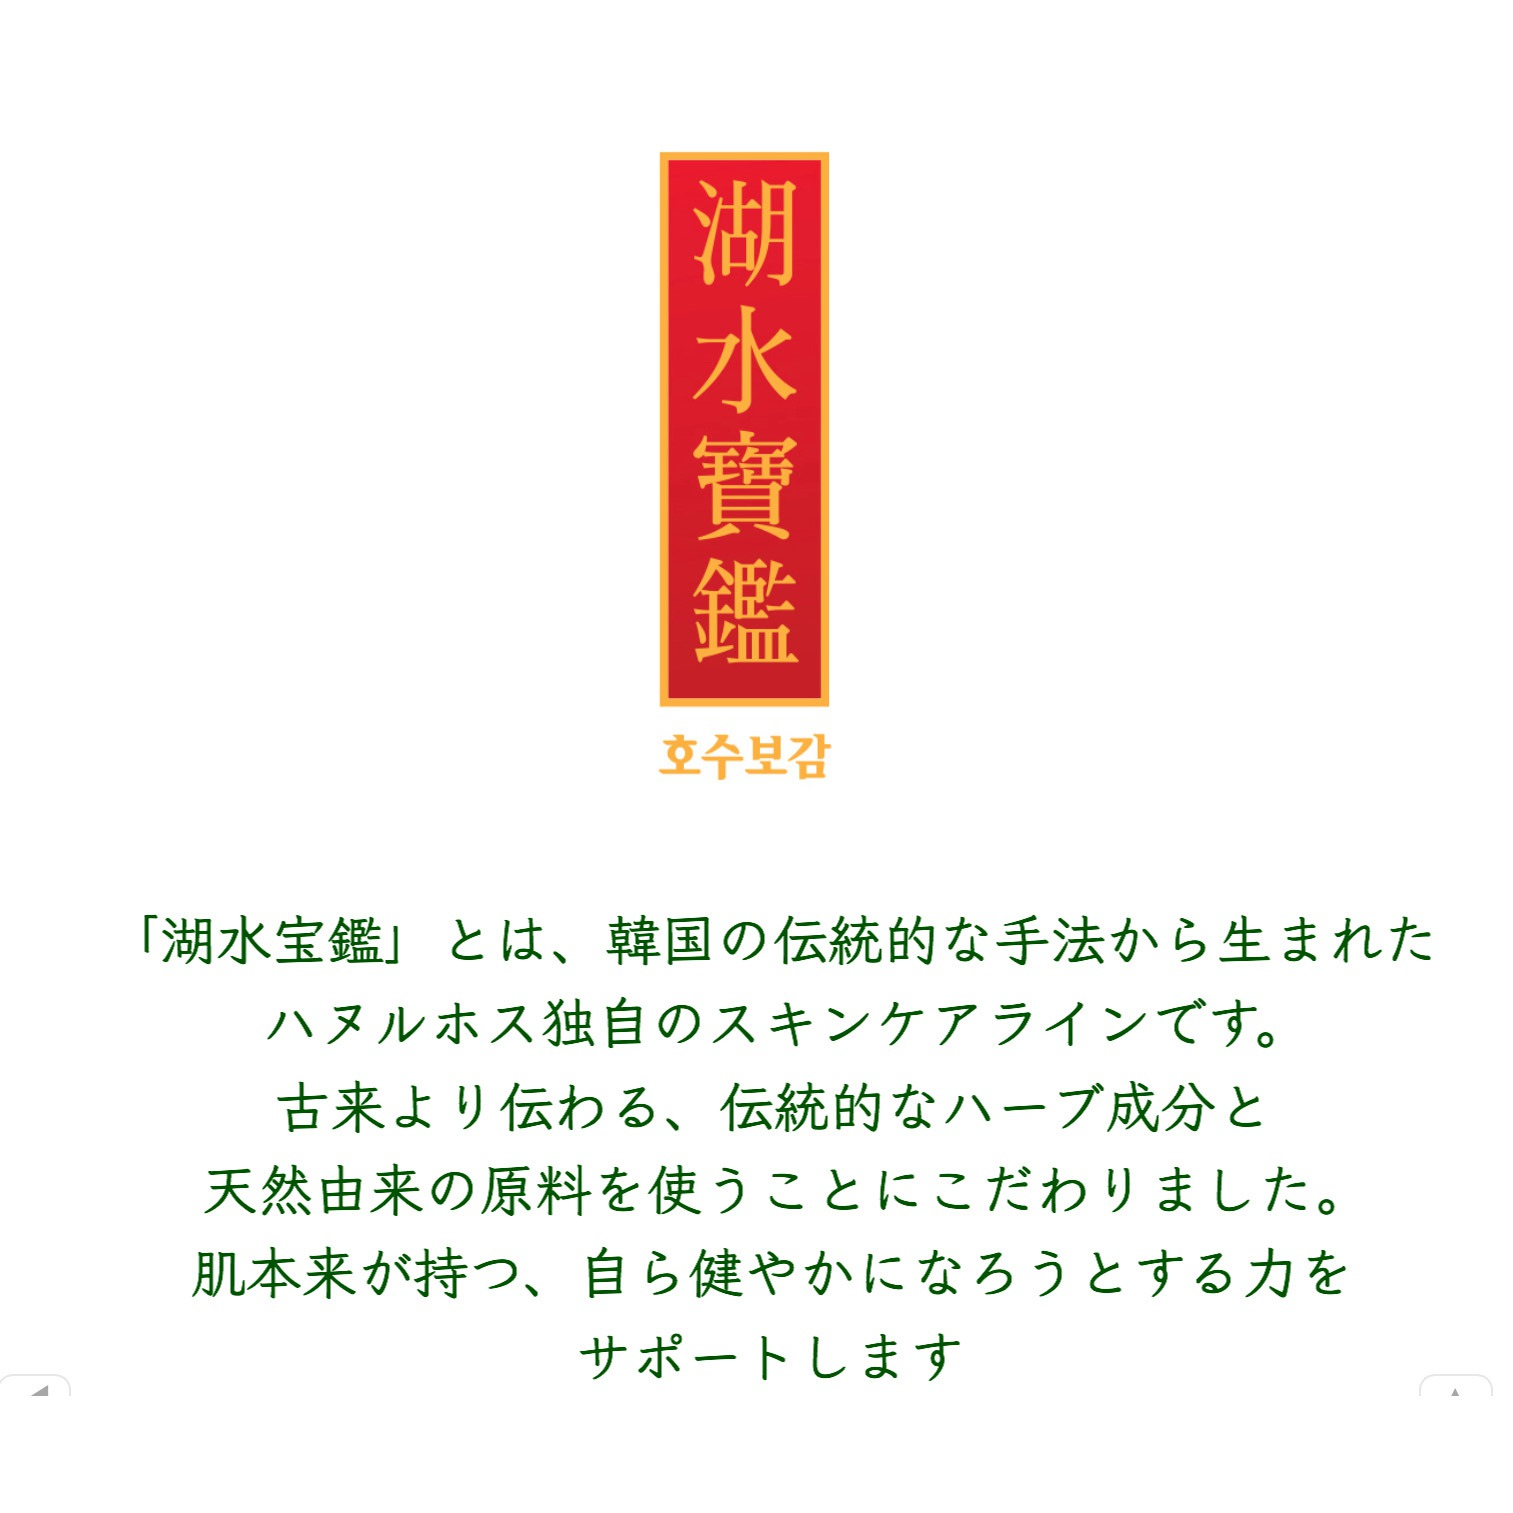 300円off 湖水宝鑑 スリーピングジェルパック 発売記念価格 通常価格4200円(税別)→3900円(税別)